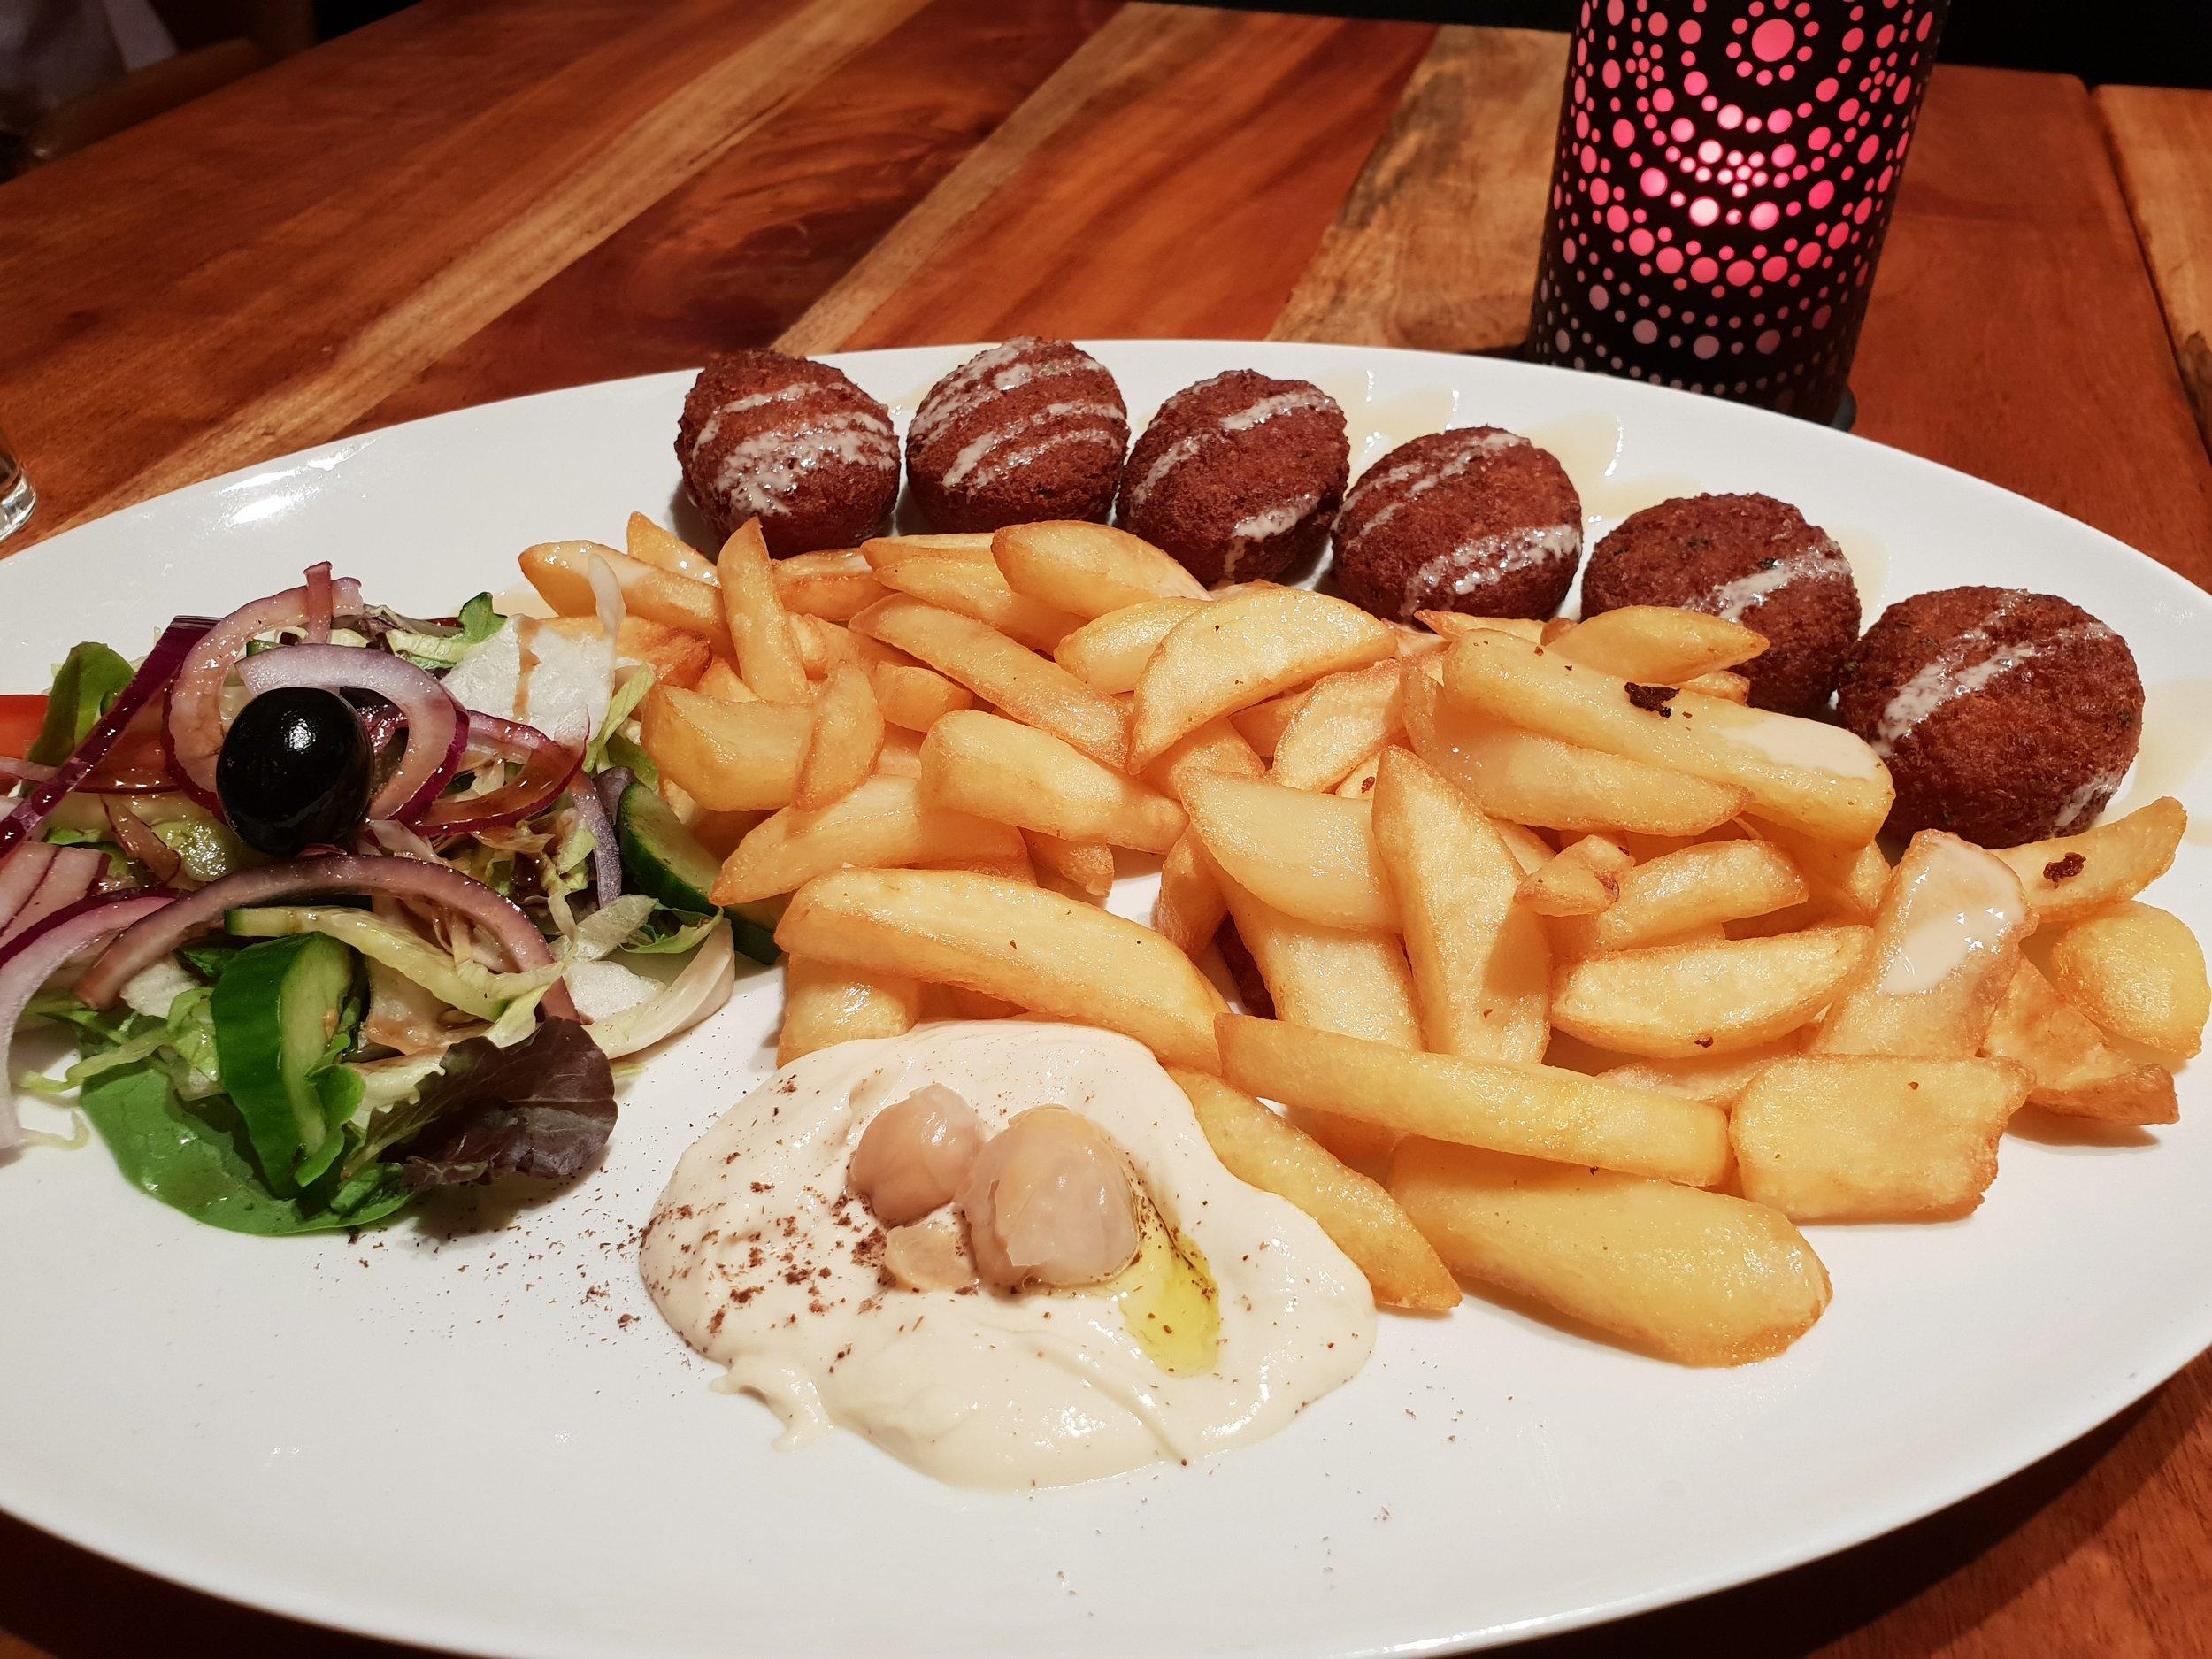 The Falafel platter